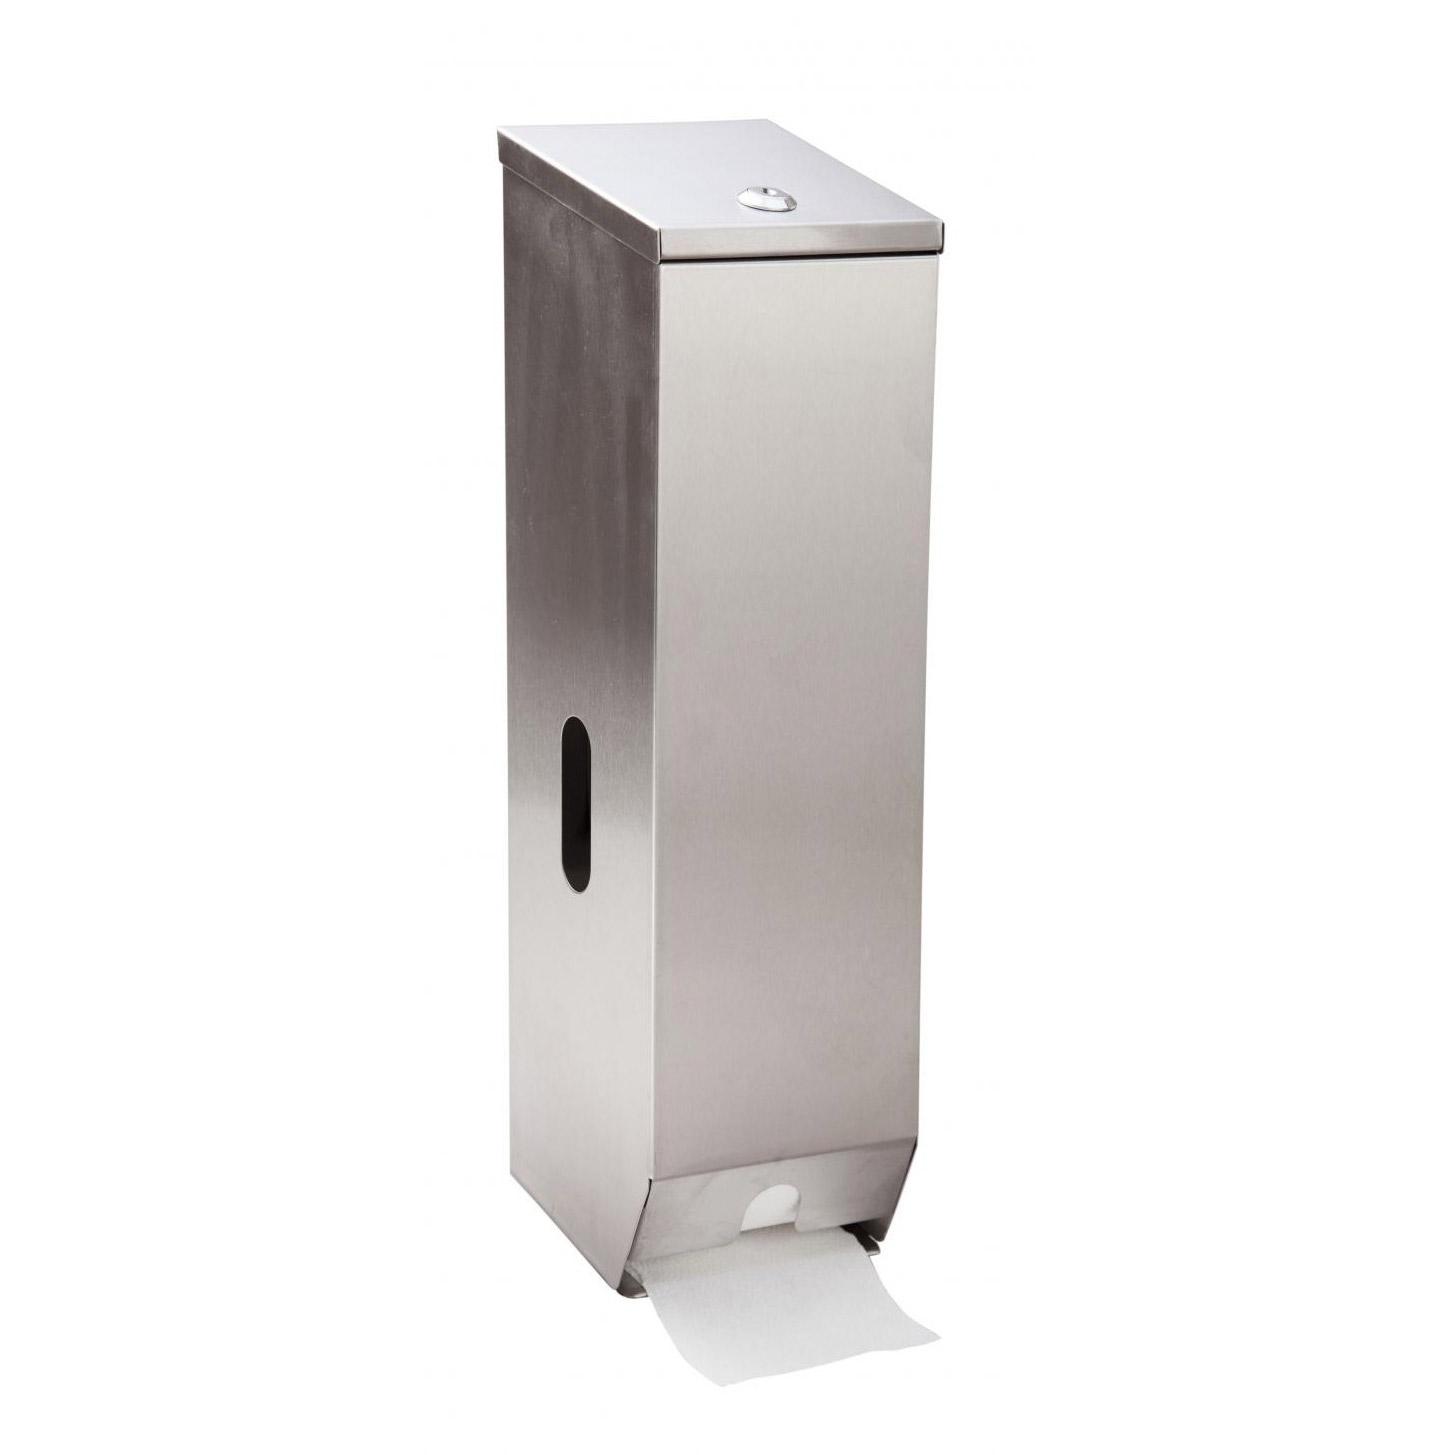 3 Roll Toilet Roll Dispenser Stainless Steel Caprice